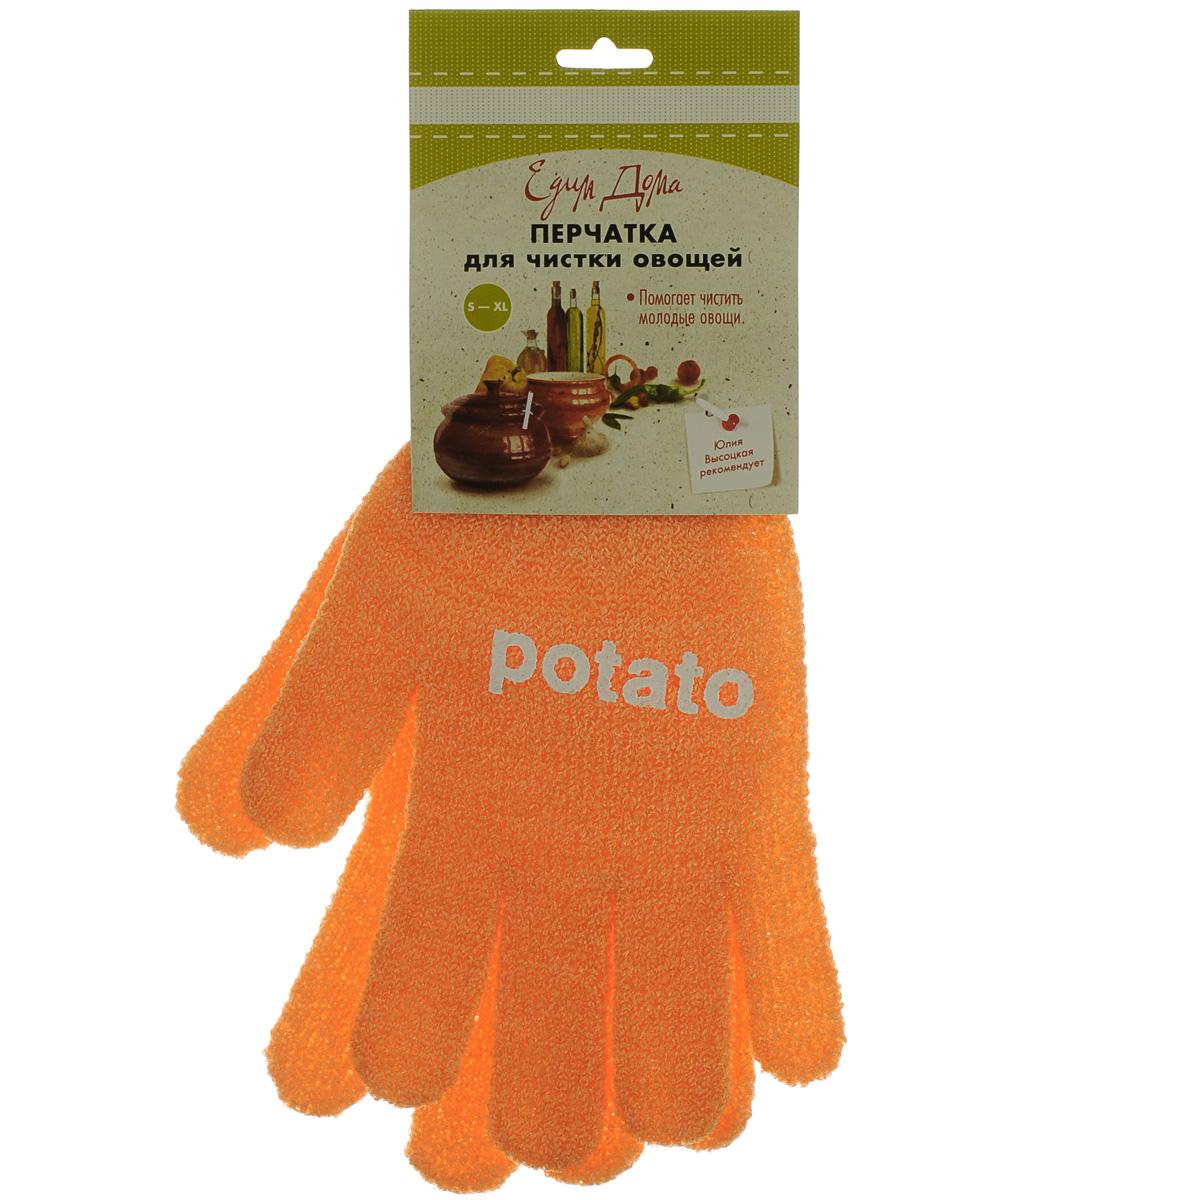 Перчатки для чистки овощей Едим Дома, цвет: оранжевый60568Рельефная поверхность перчатки Едим Дома воздействует на овощи как терка. Быстро очистит молодой картофель, морковь, редис от грязи и кожуры. Безопаснее и быстрее ножа. Материал: 90% нейлон, 10% спандекс.